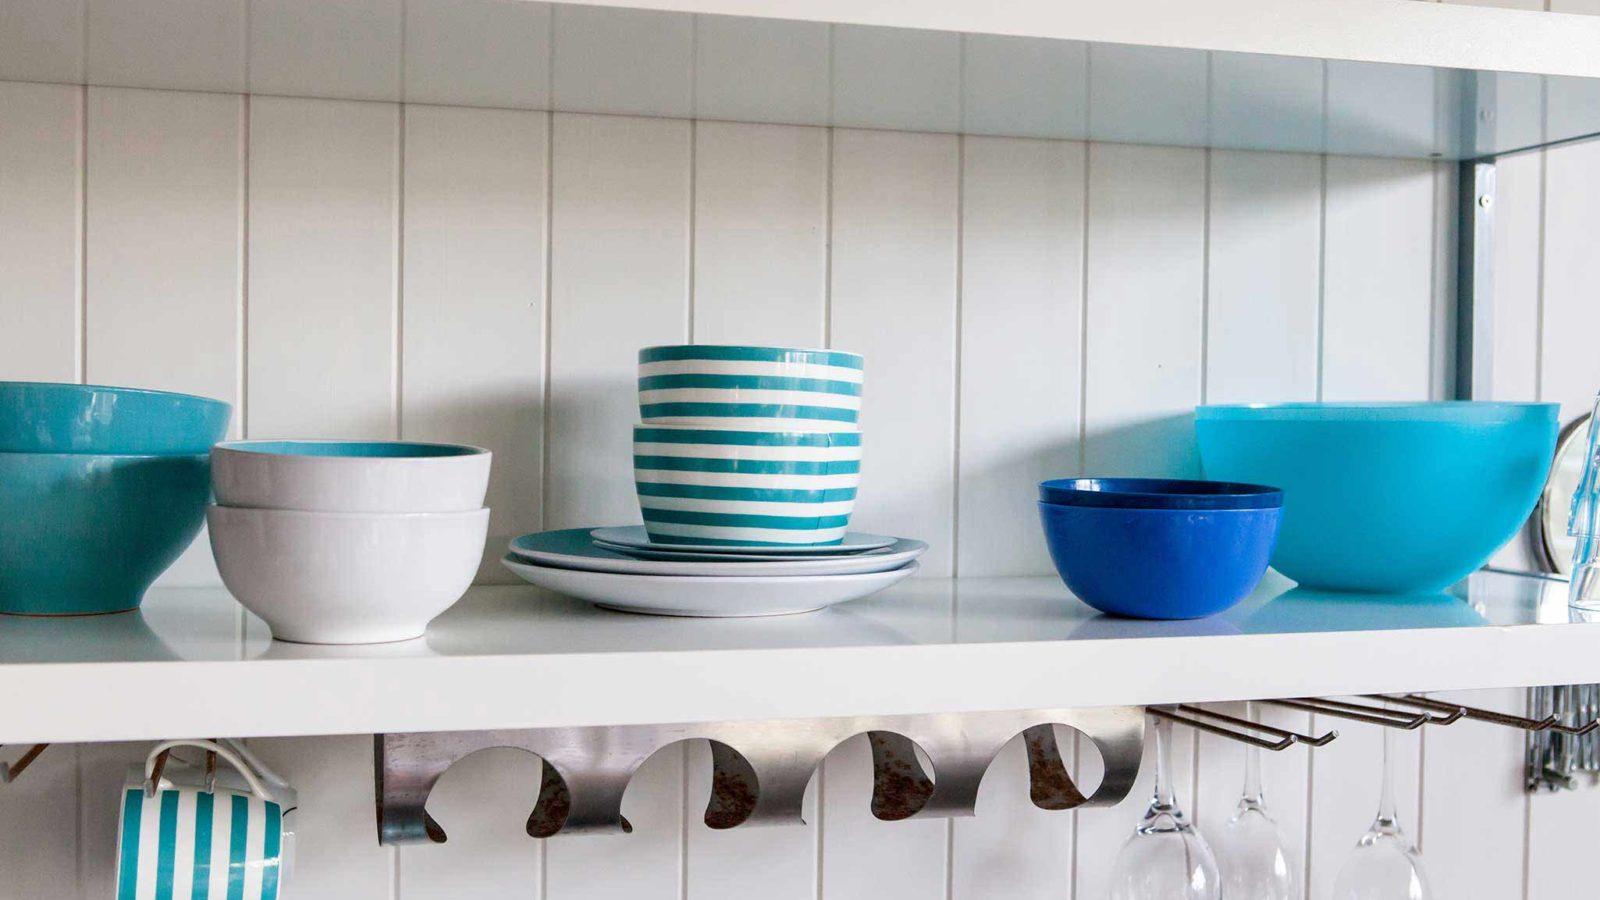 Tidy Kitchen Shelf